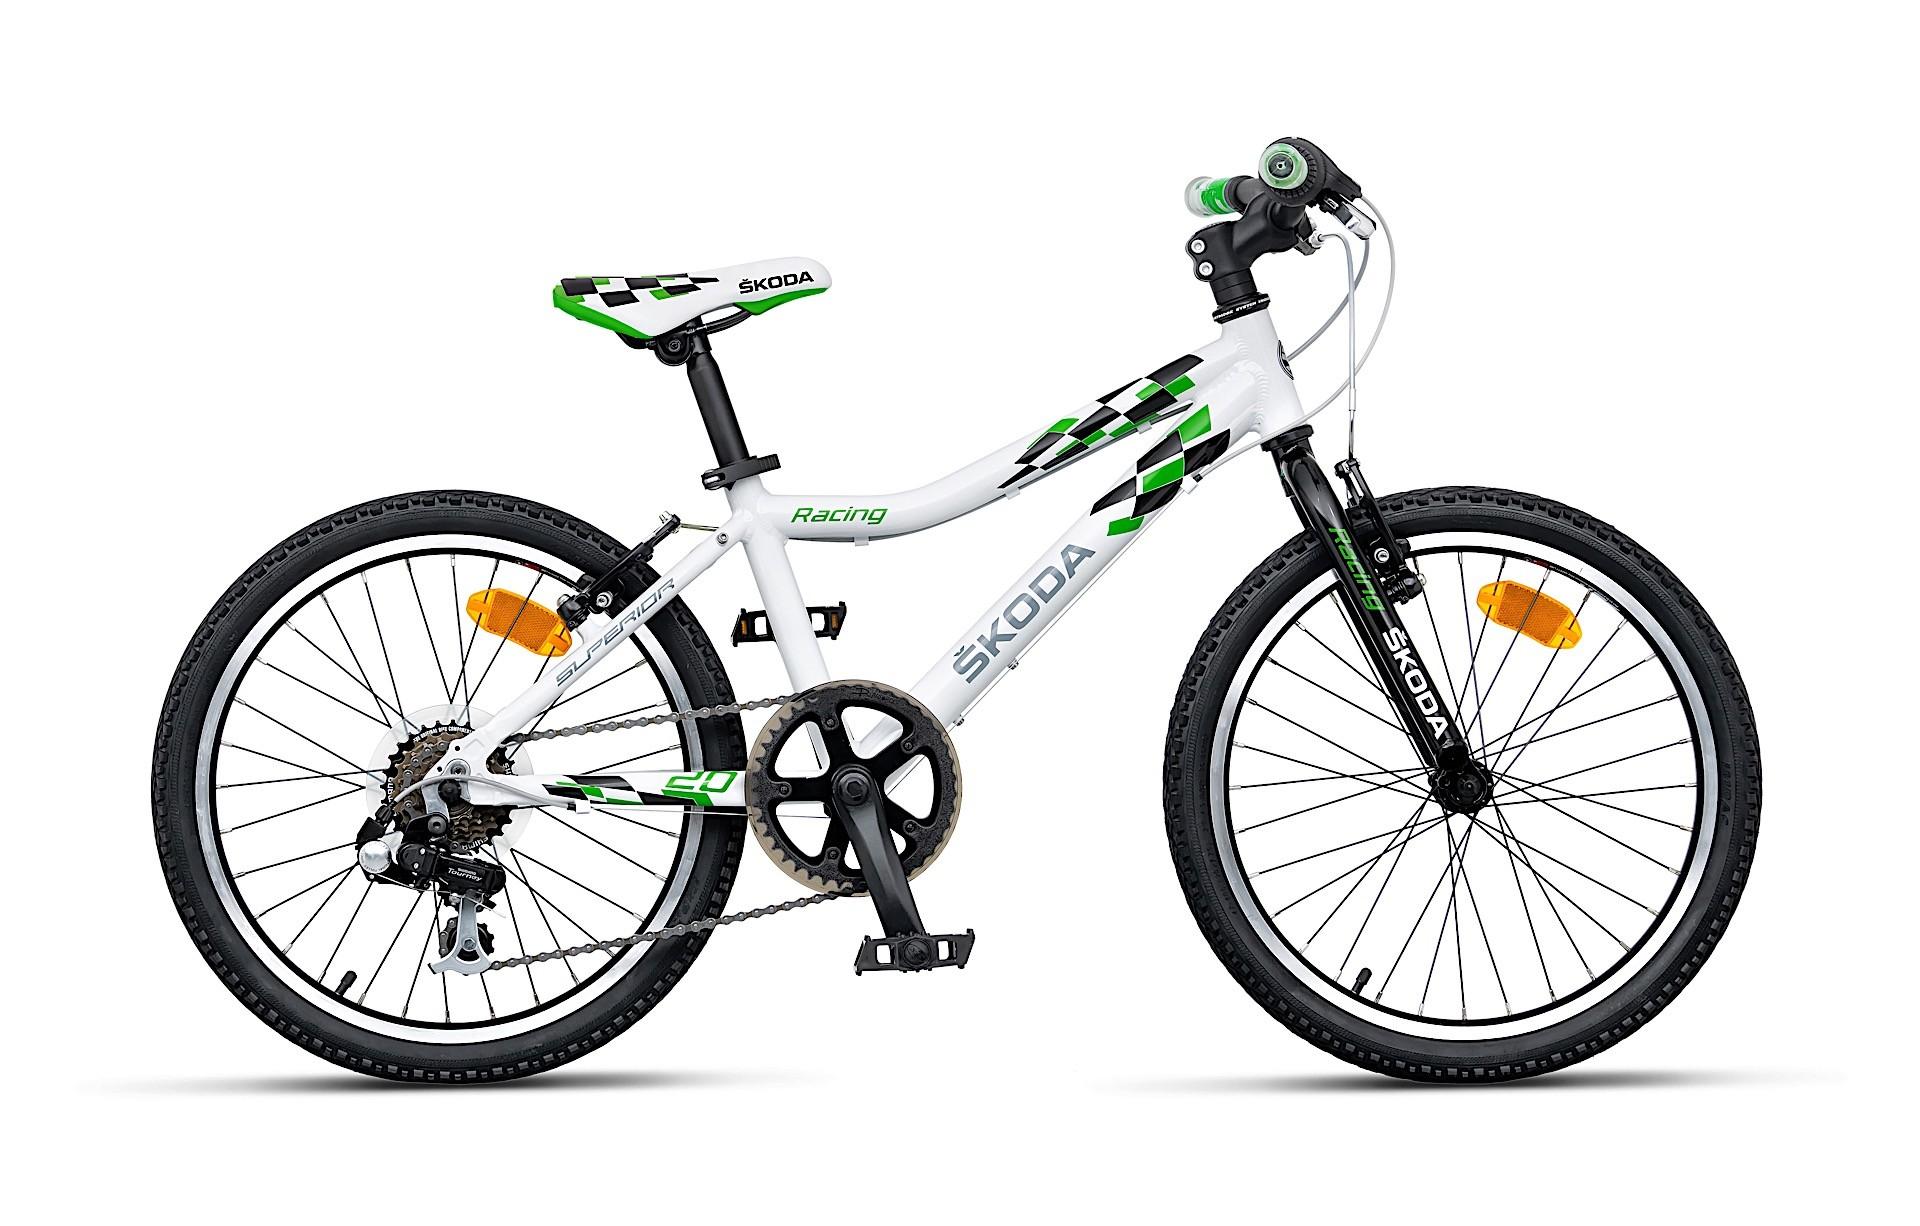 Eneloop Synergetic Hybrid Bike From Sanyo